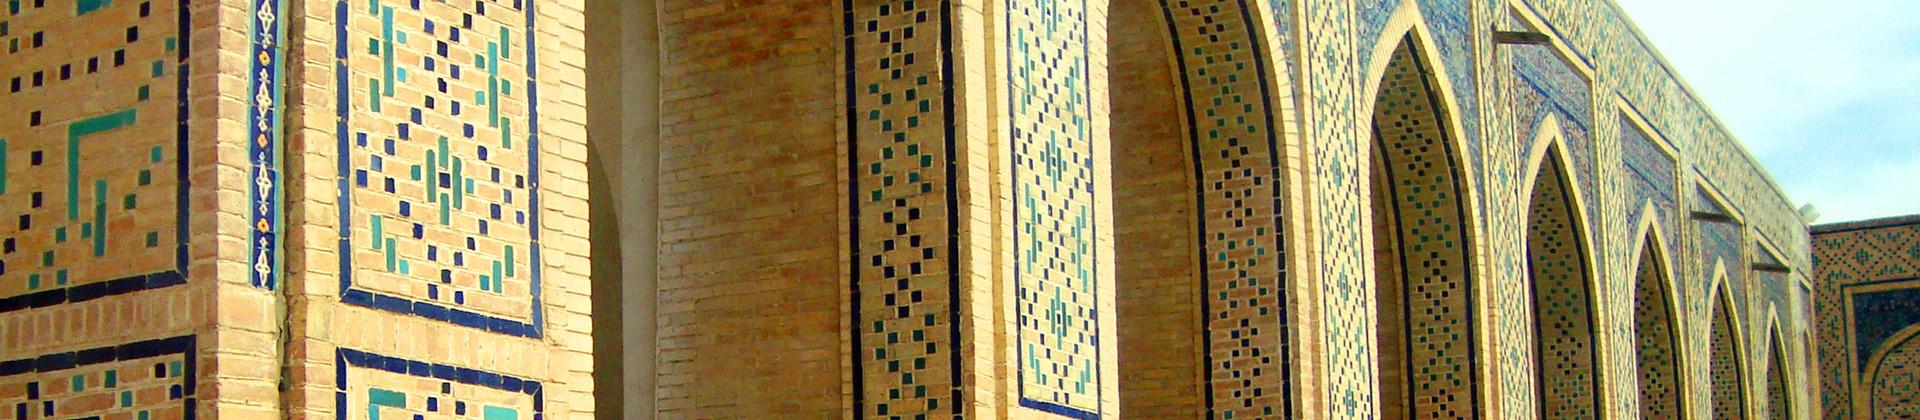 Tour from Tashkent to Samarkand and Bukhara with return to Tashkent - 1